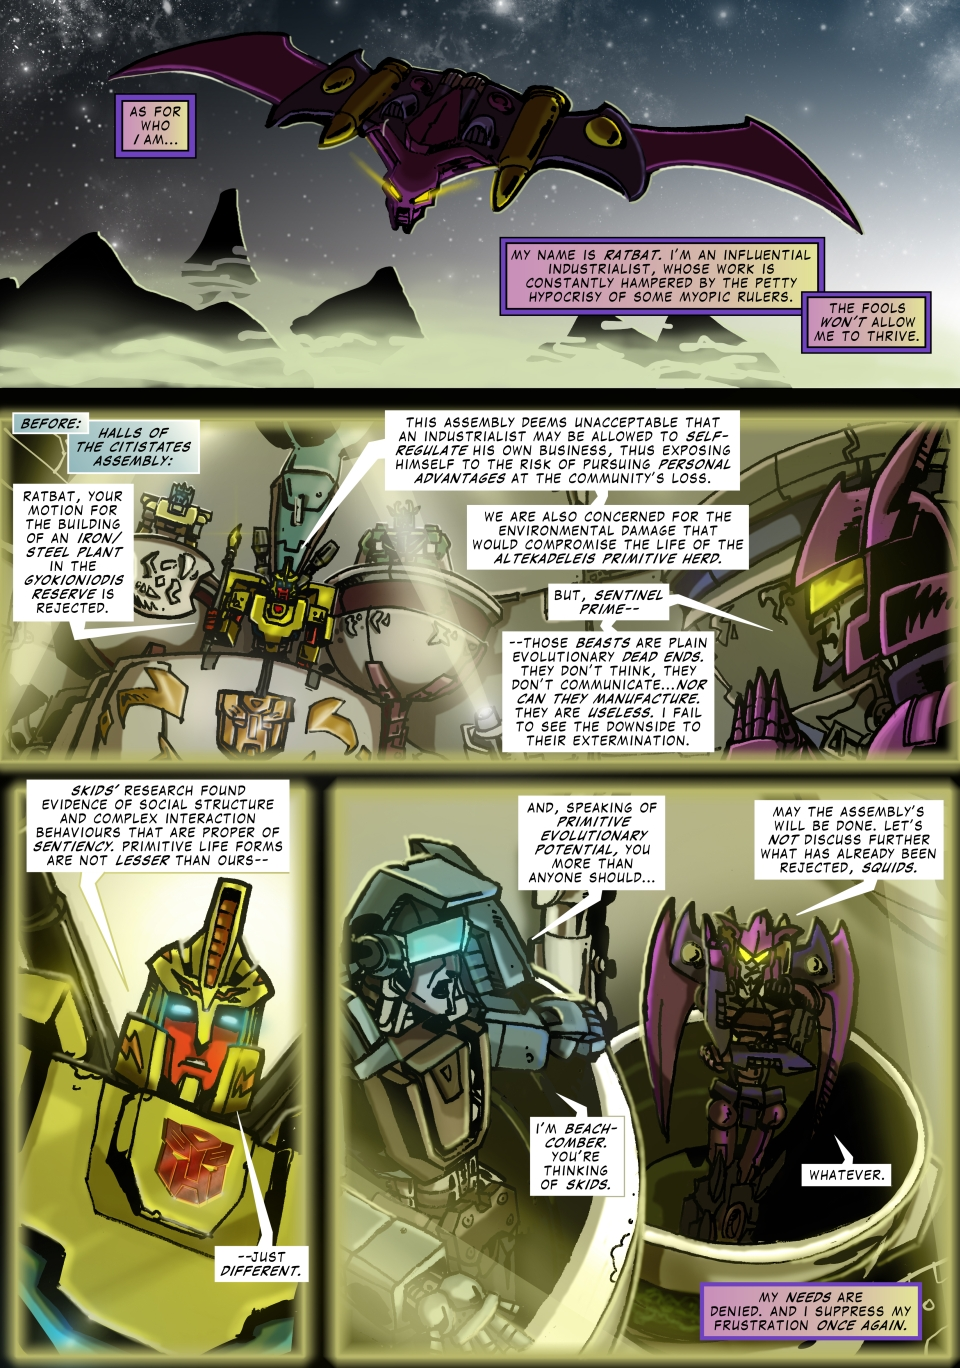 Ratbat - page 02